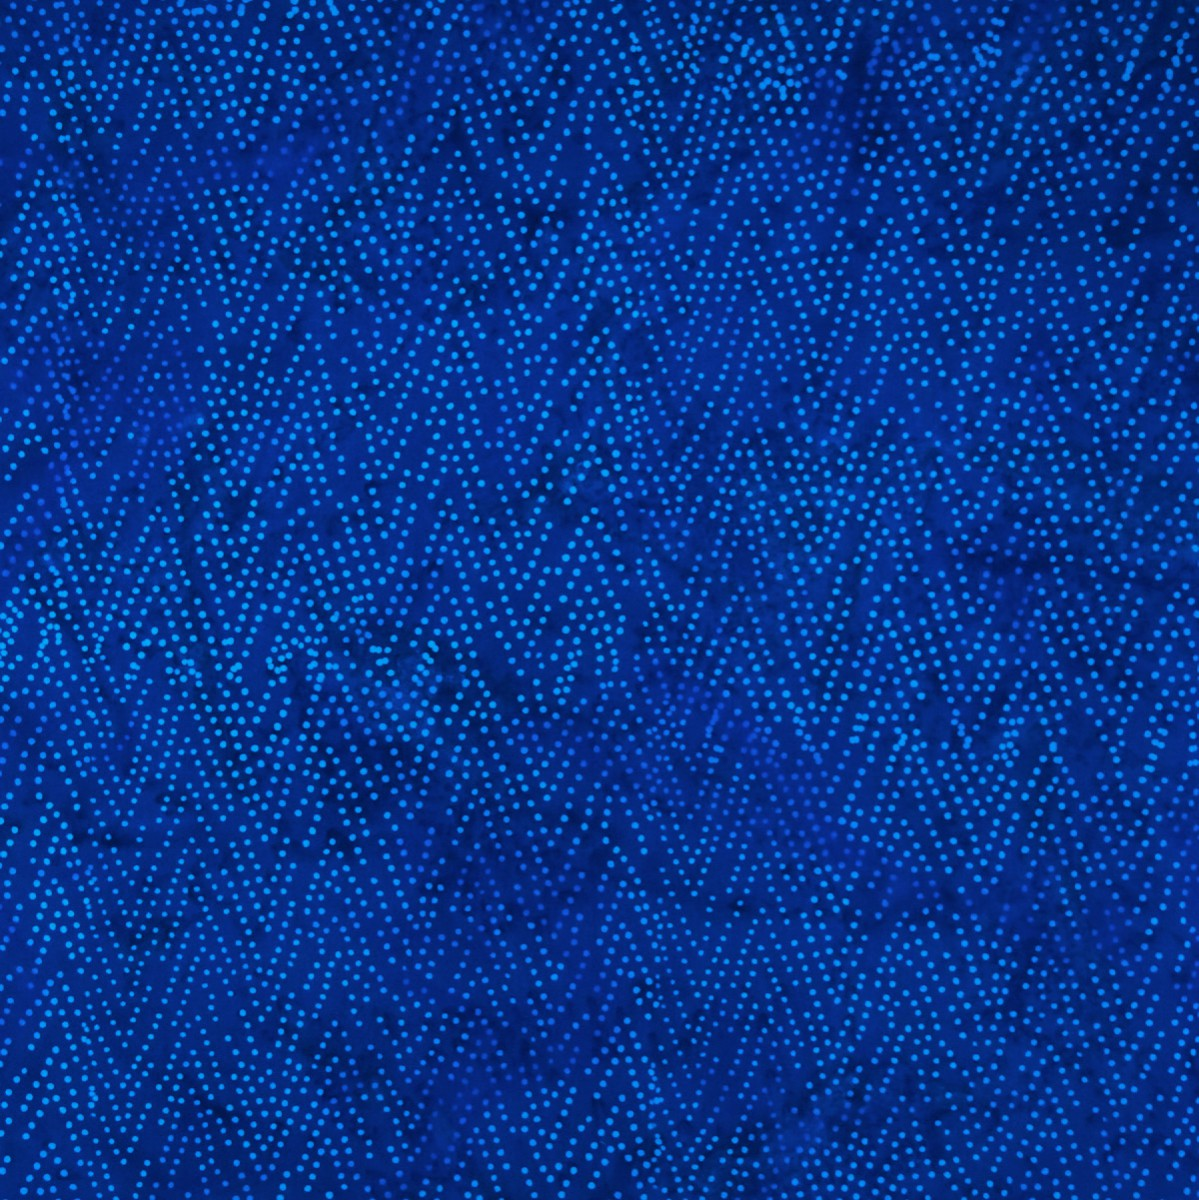 BL-1-9069 Mocking Blue